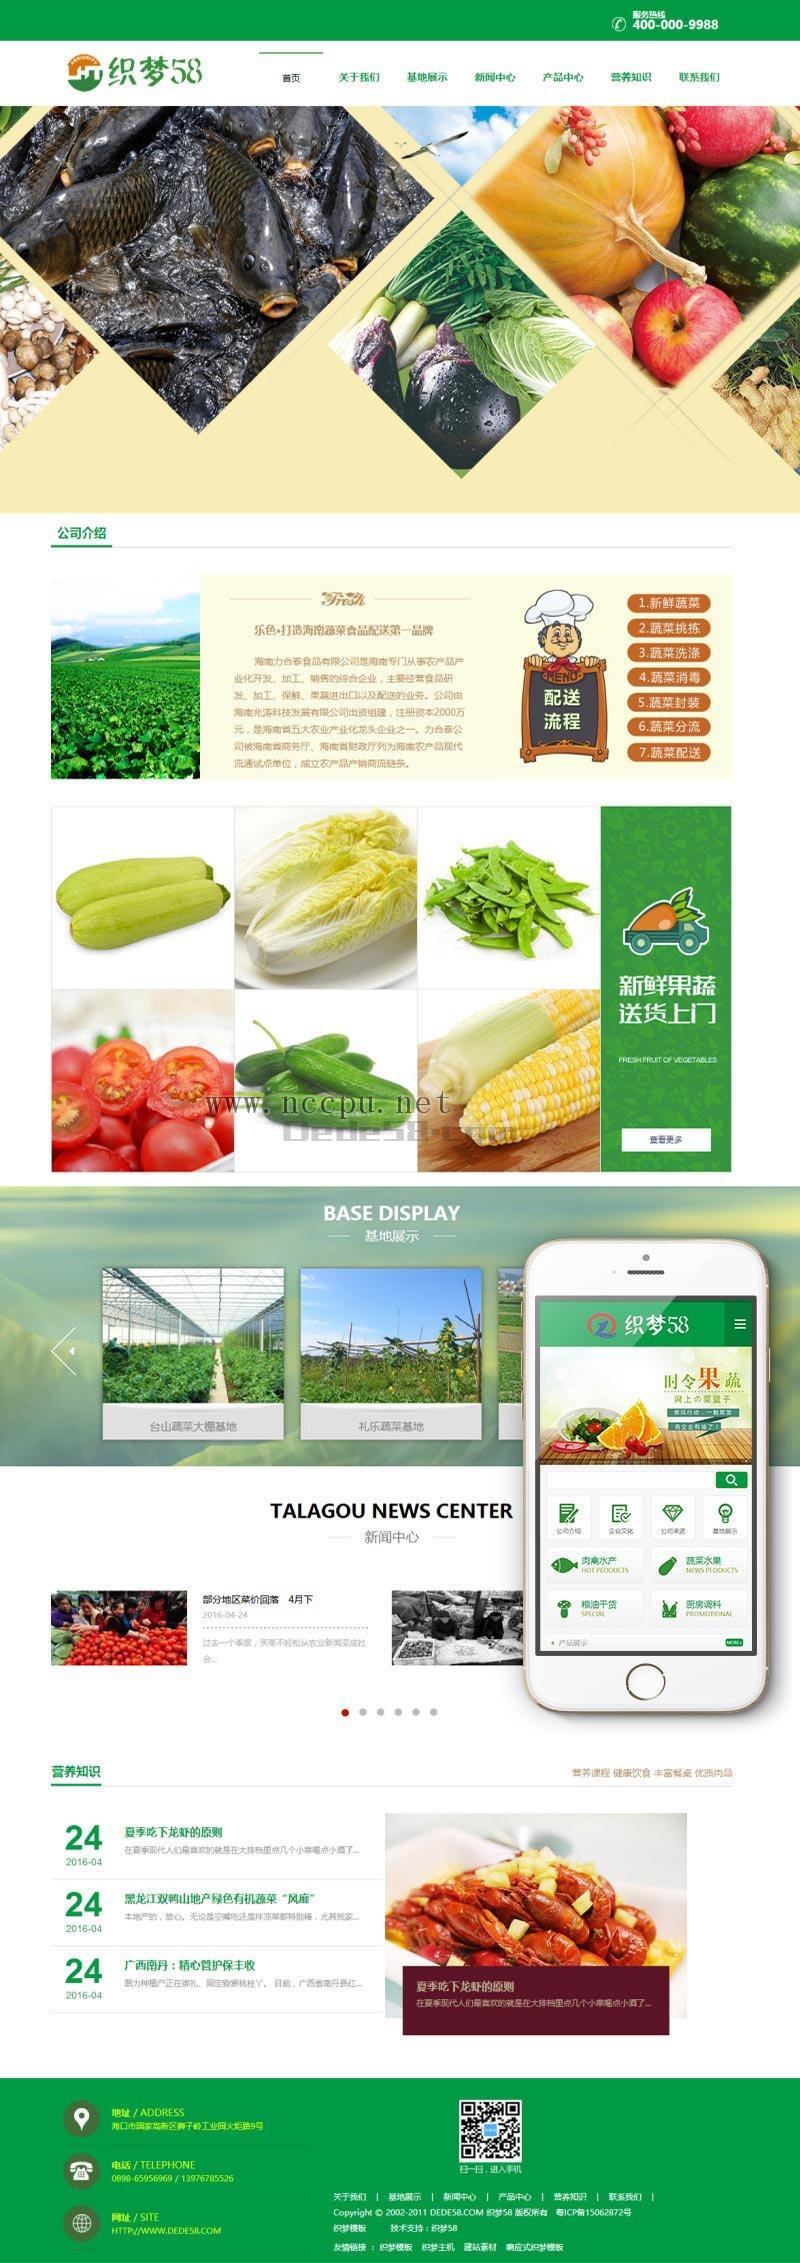 绿色蔬菜水果类企业(带手机移动端)建设案例「响应式」